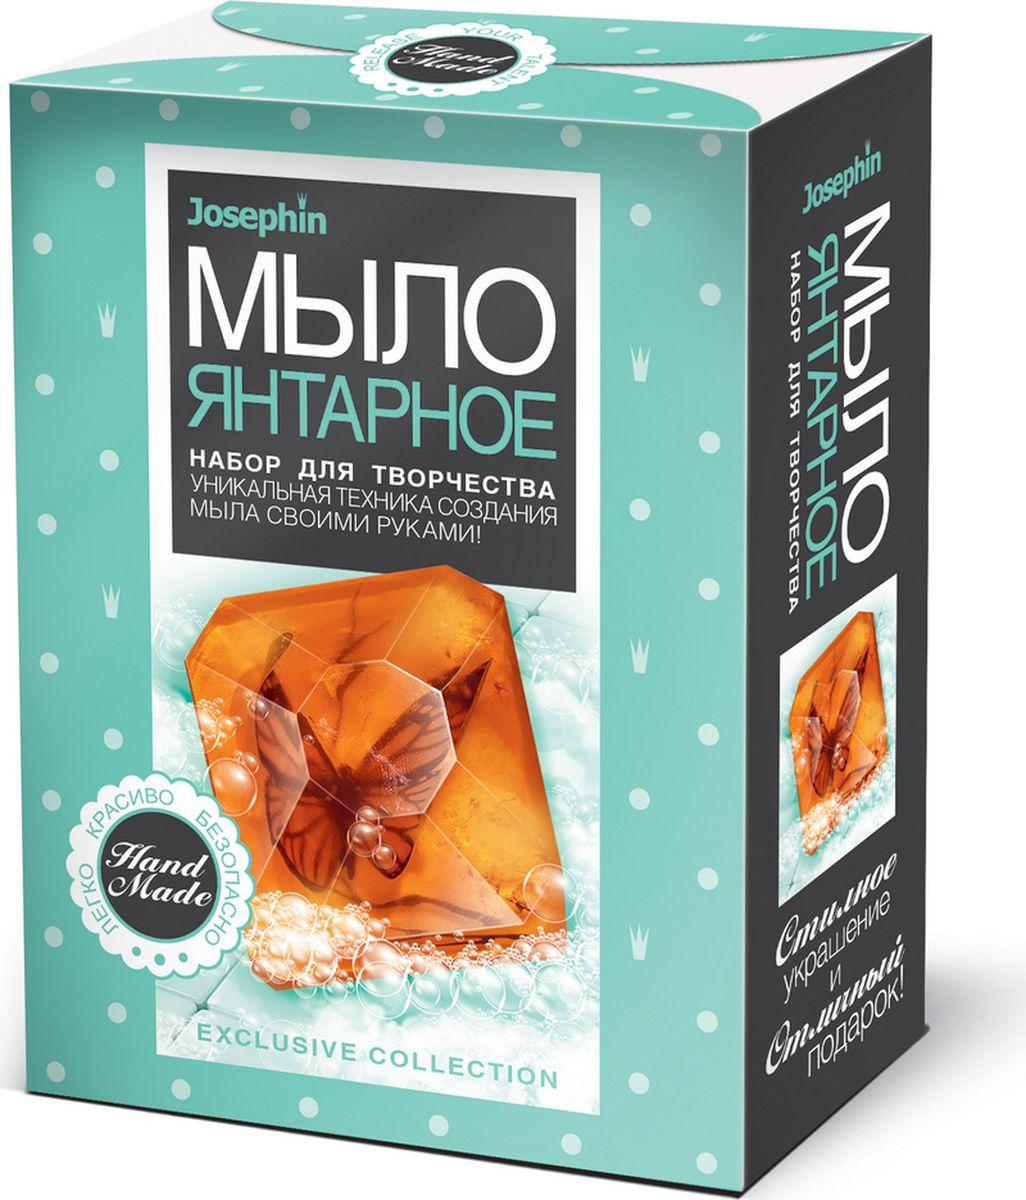 Josephin Набор для изготовления мыла Бабочка Монарх